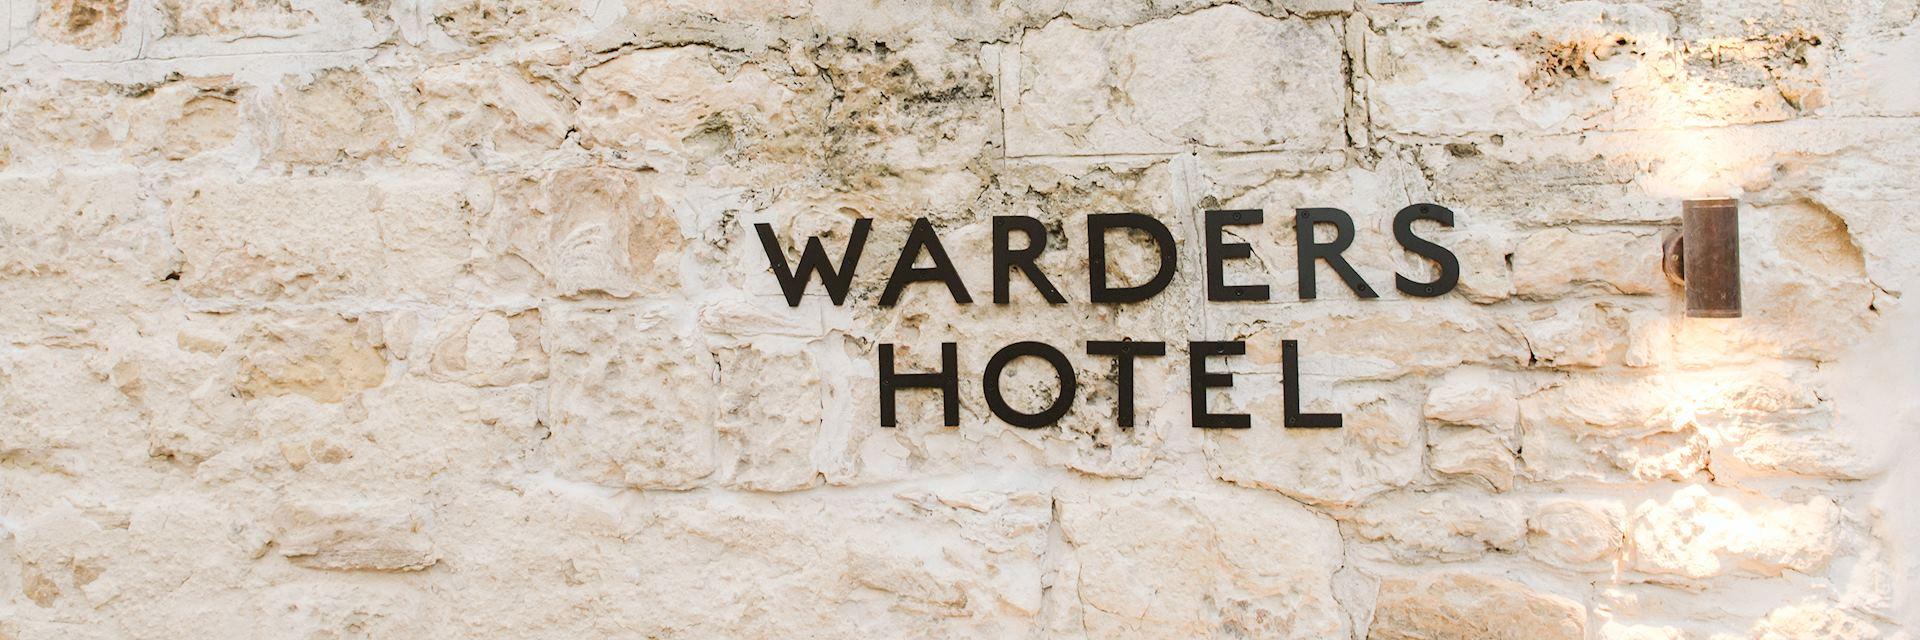 Warders Hotel